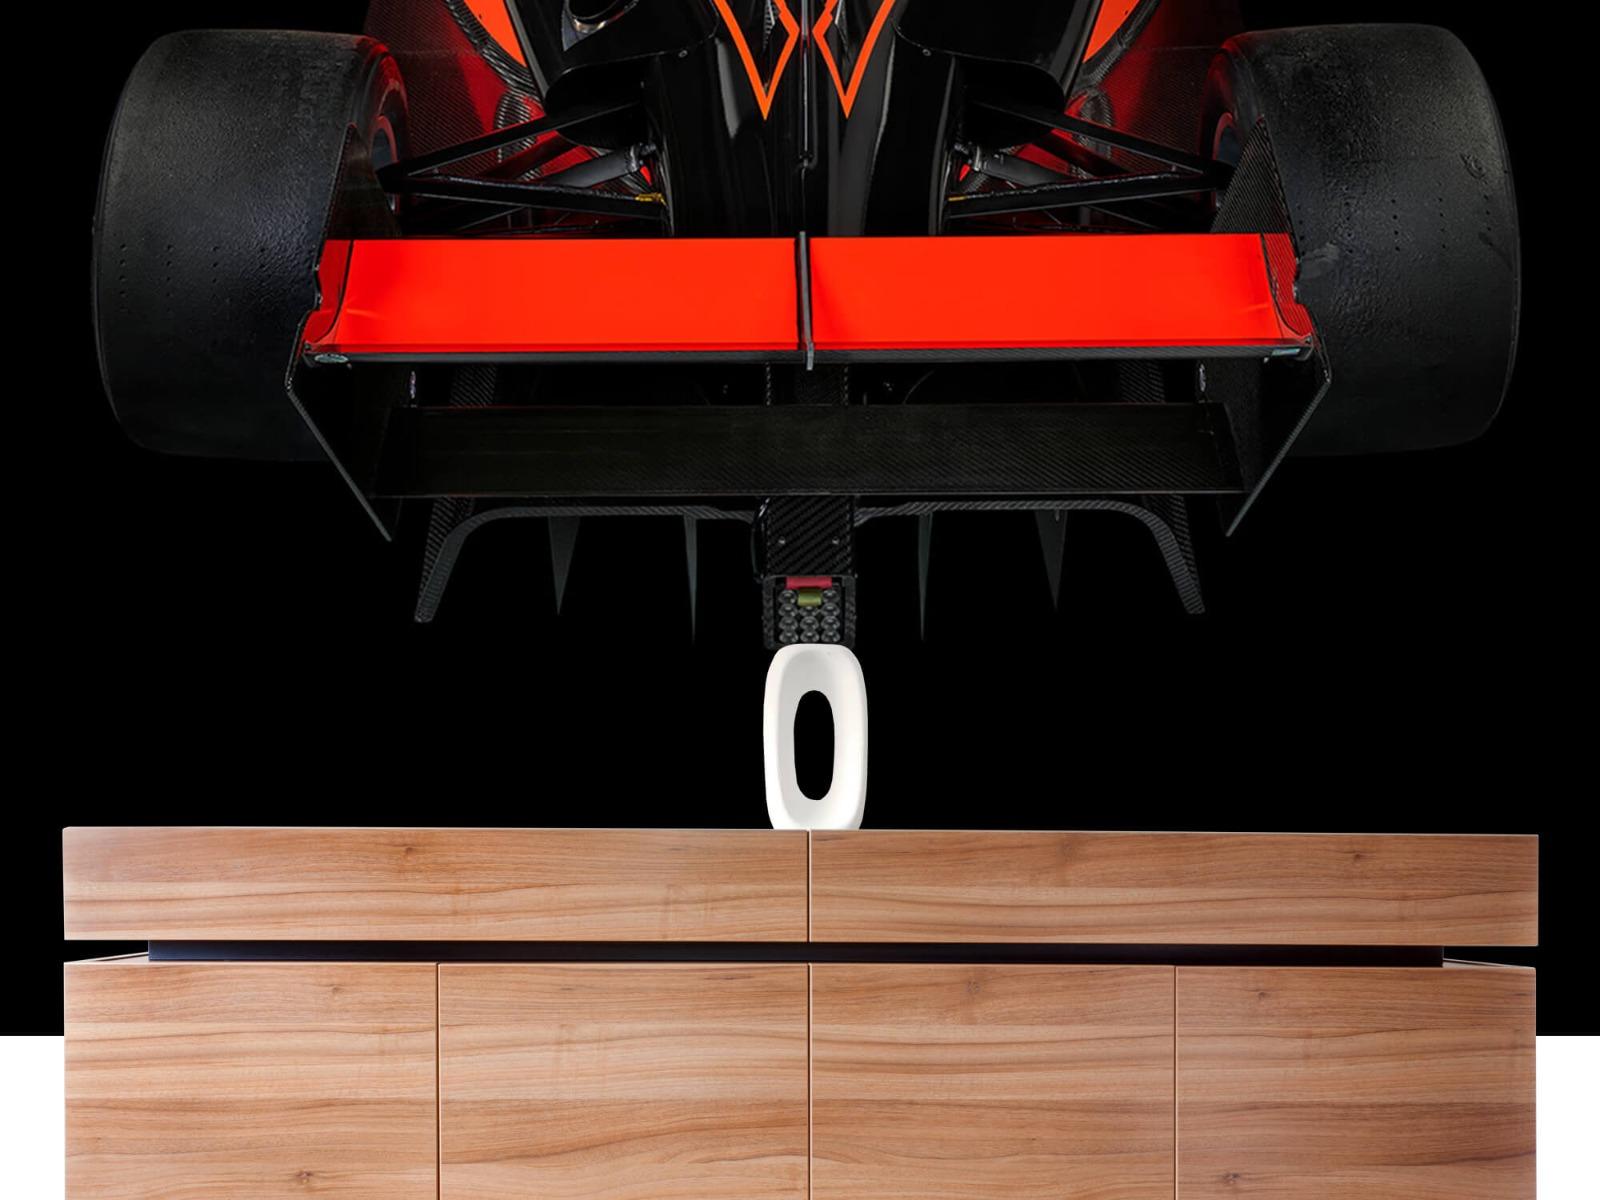 Sportauto's - Formule 3 - Rear view - dark - Tienerkamer 20